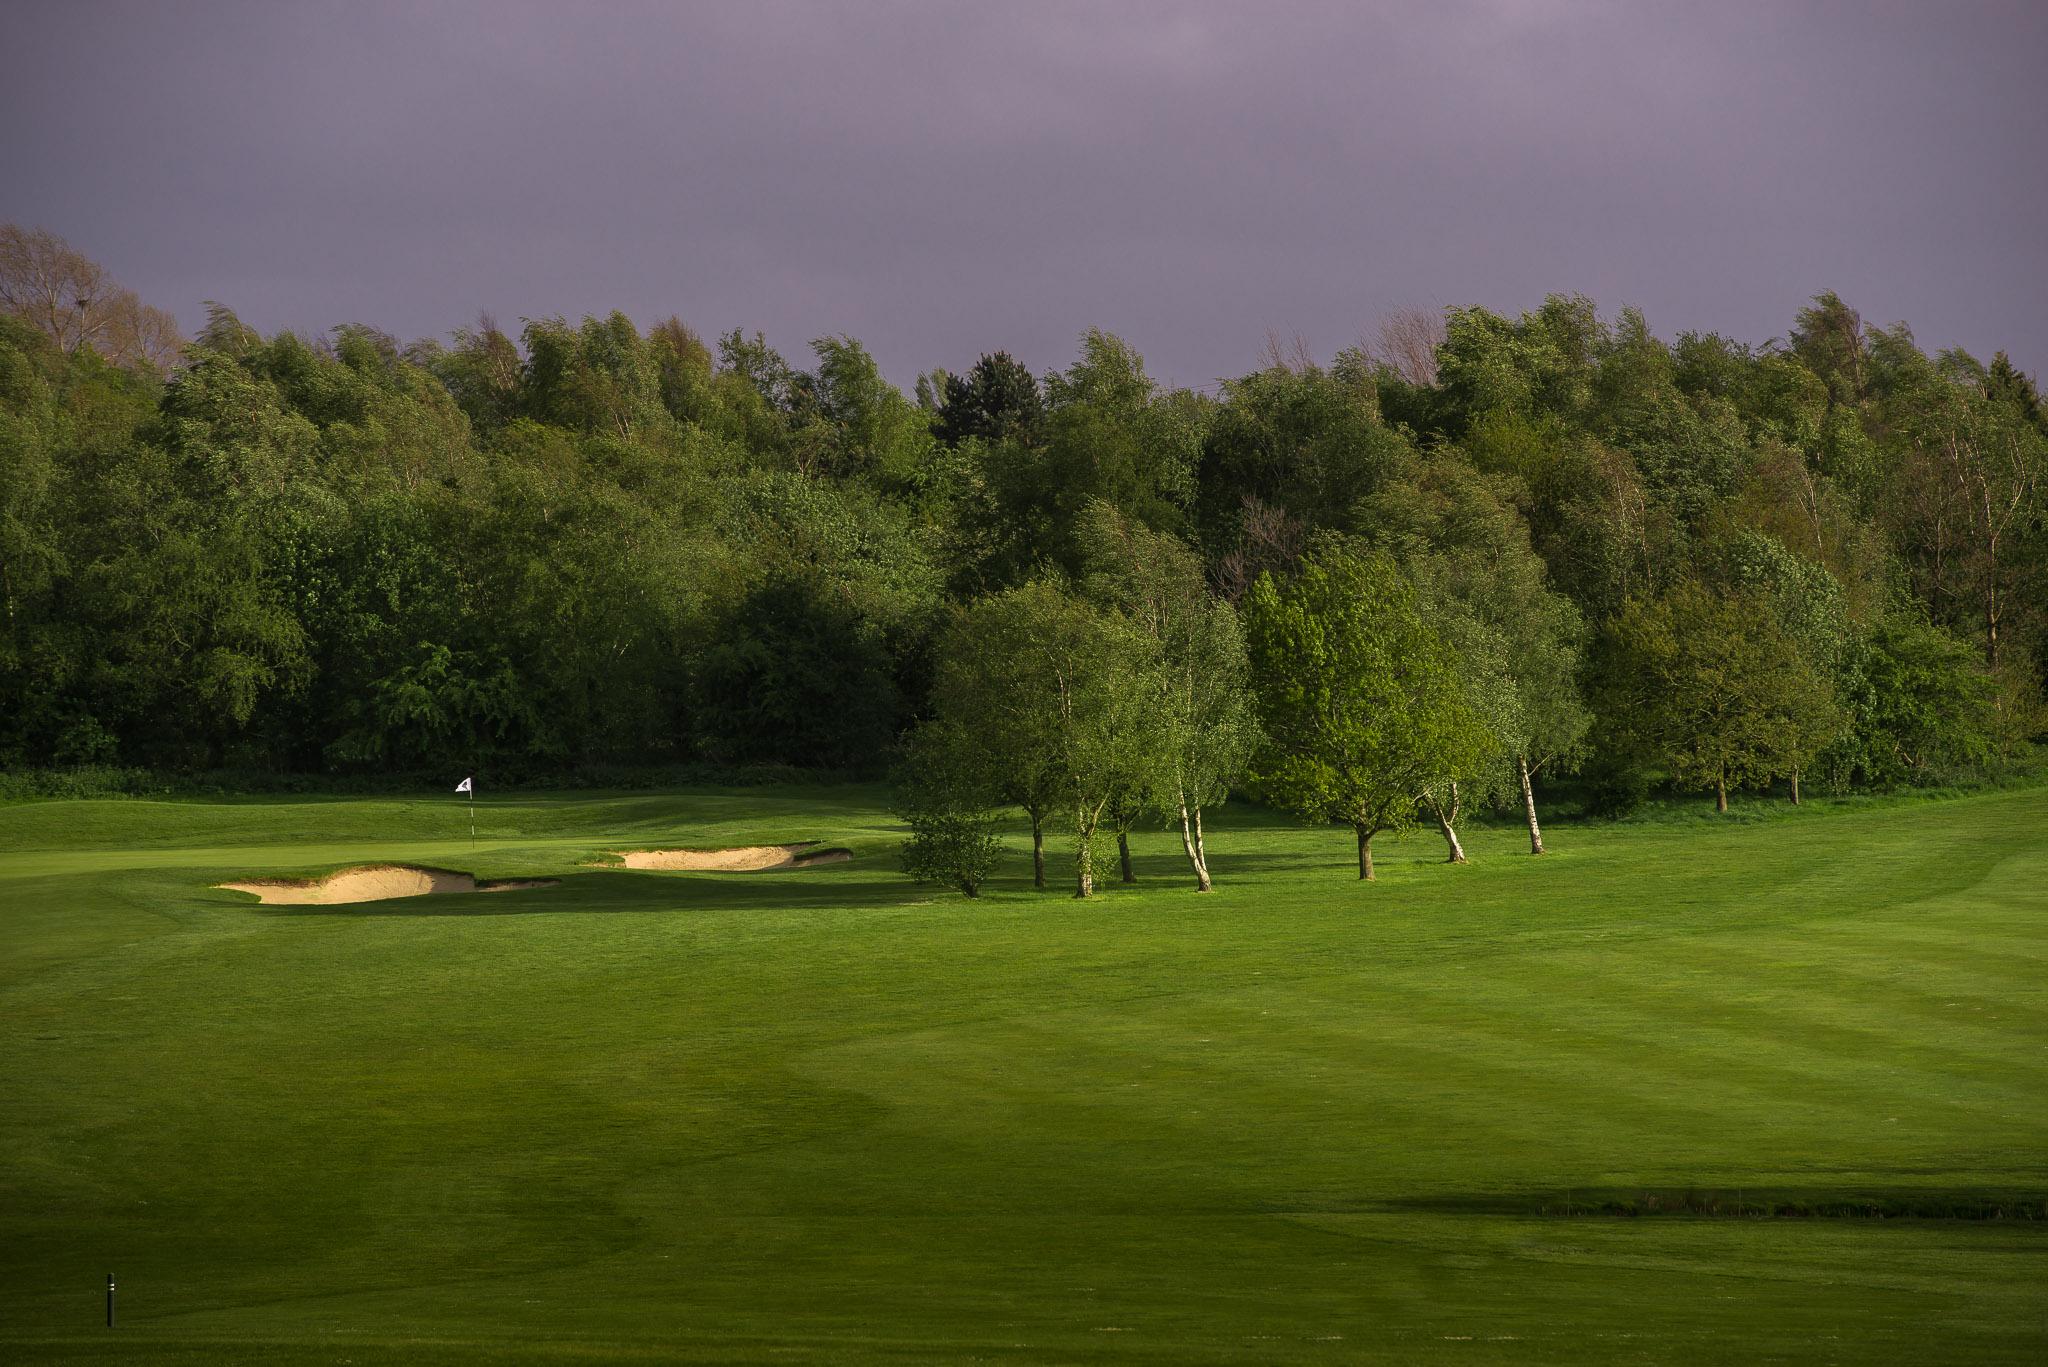 BGL_Thornbury_GolfCourse_AndyHiseman_72dpi_EmailWeb-15.jpg